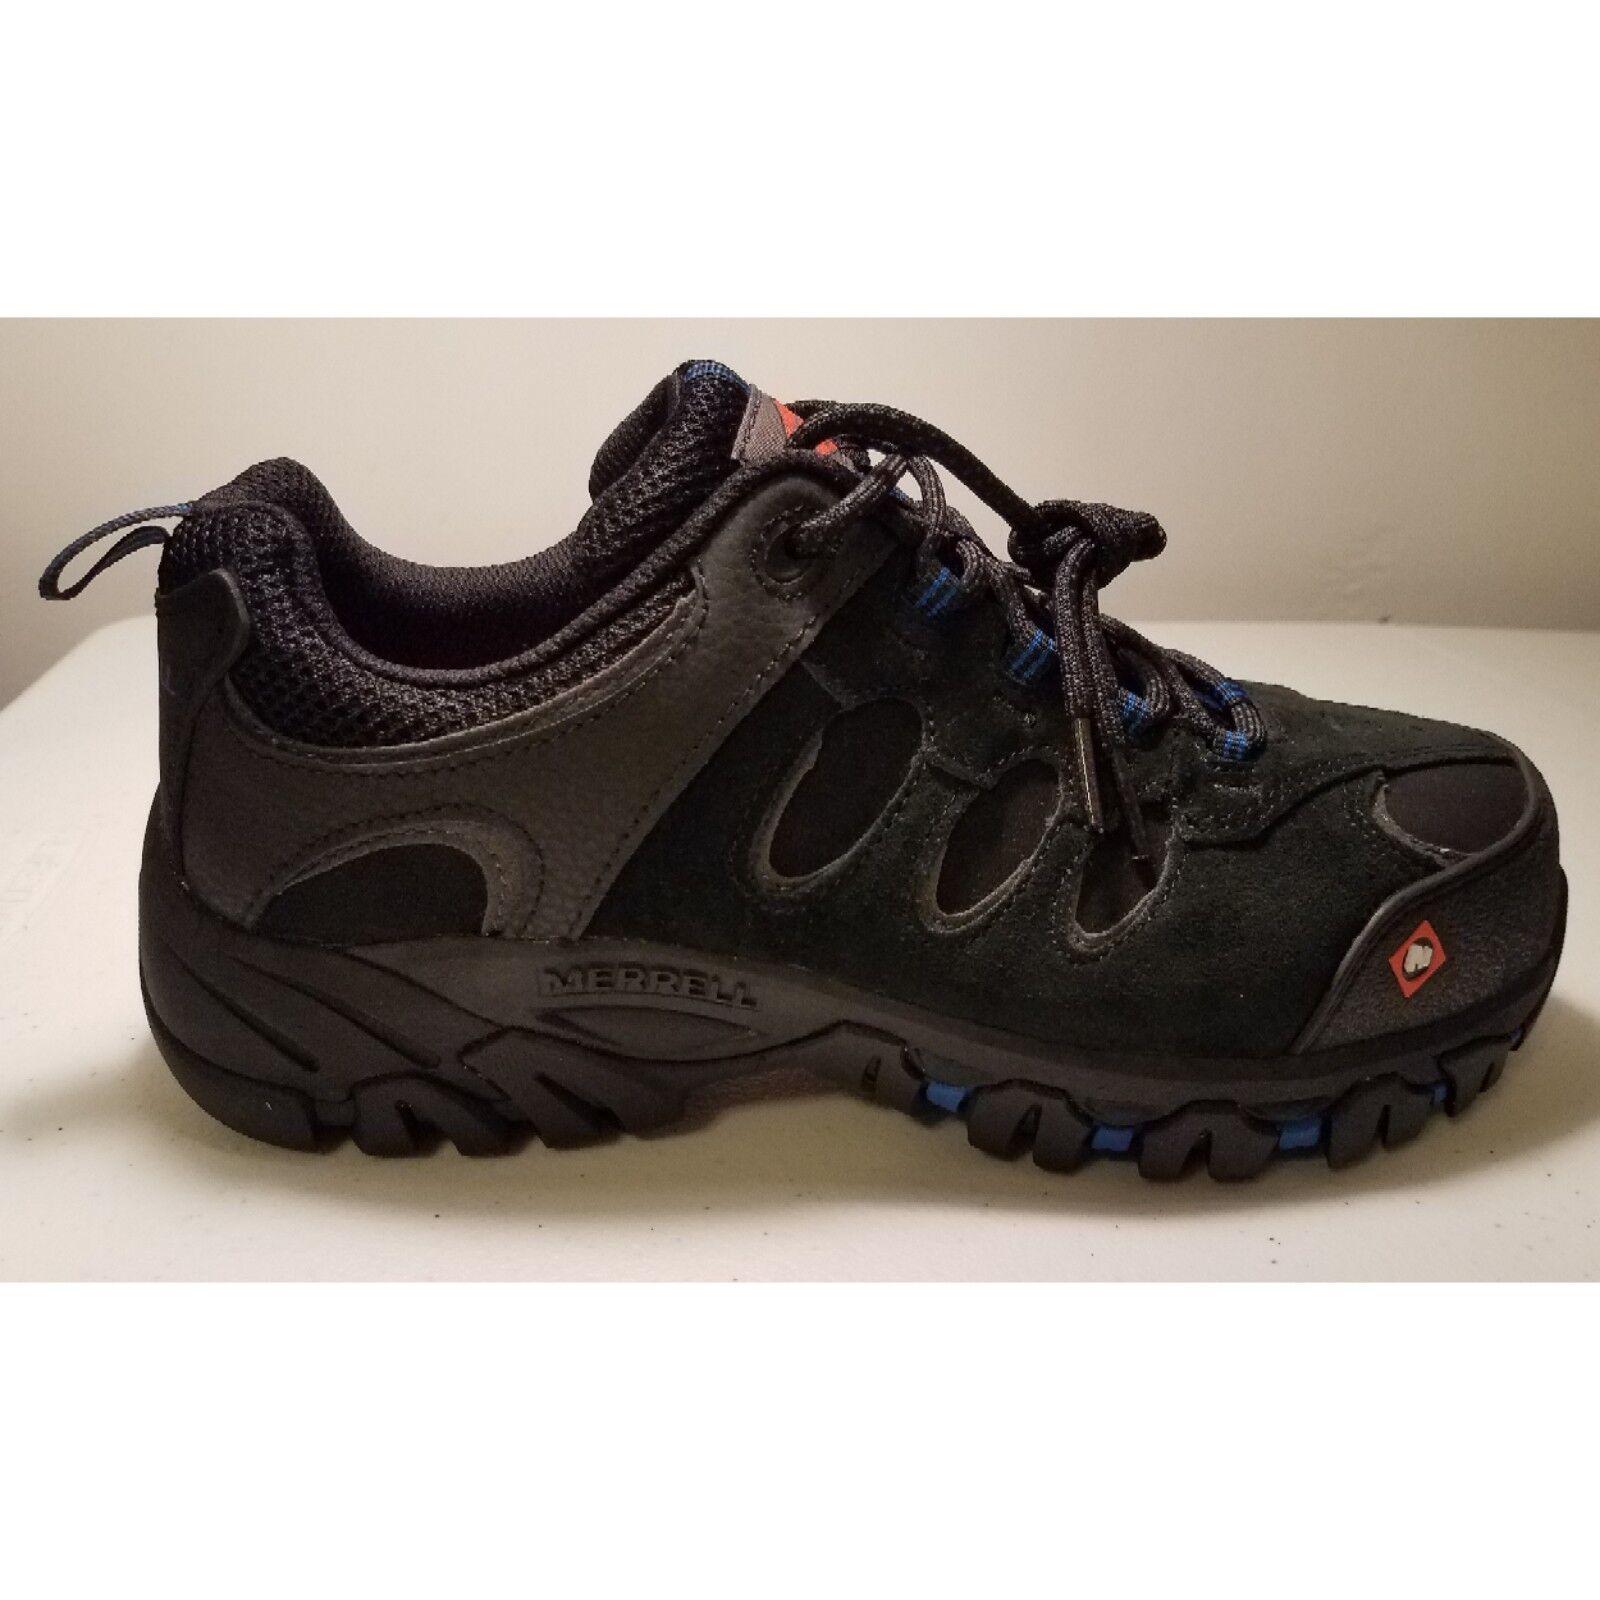 Merrell work shoe men size 7 Ridgepass Bolt Comp Toe black